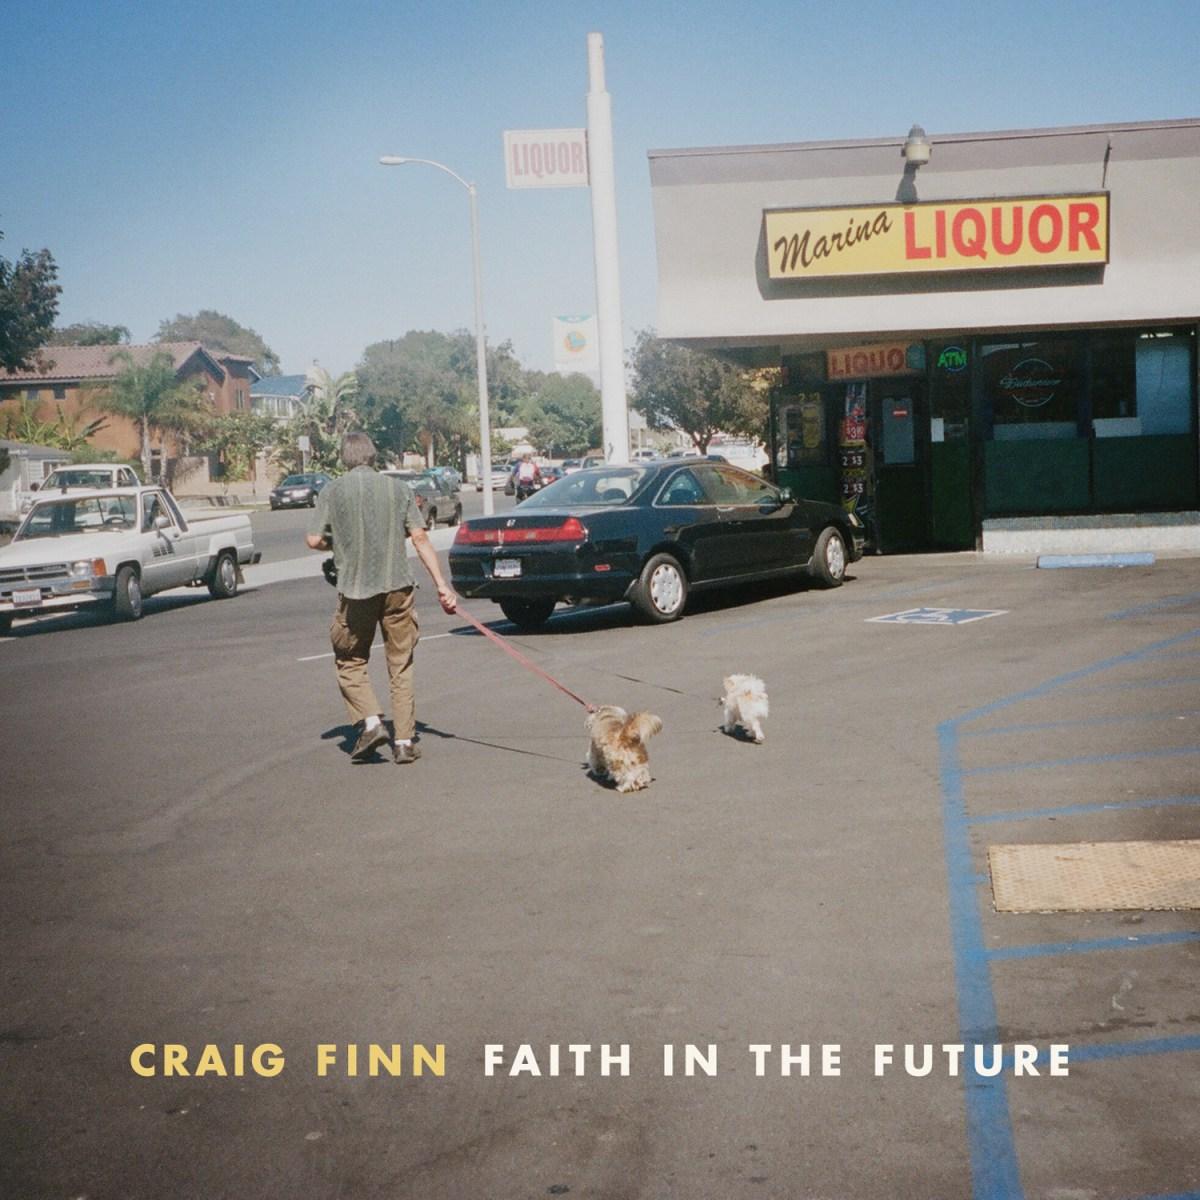 Faith In the Future